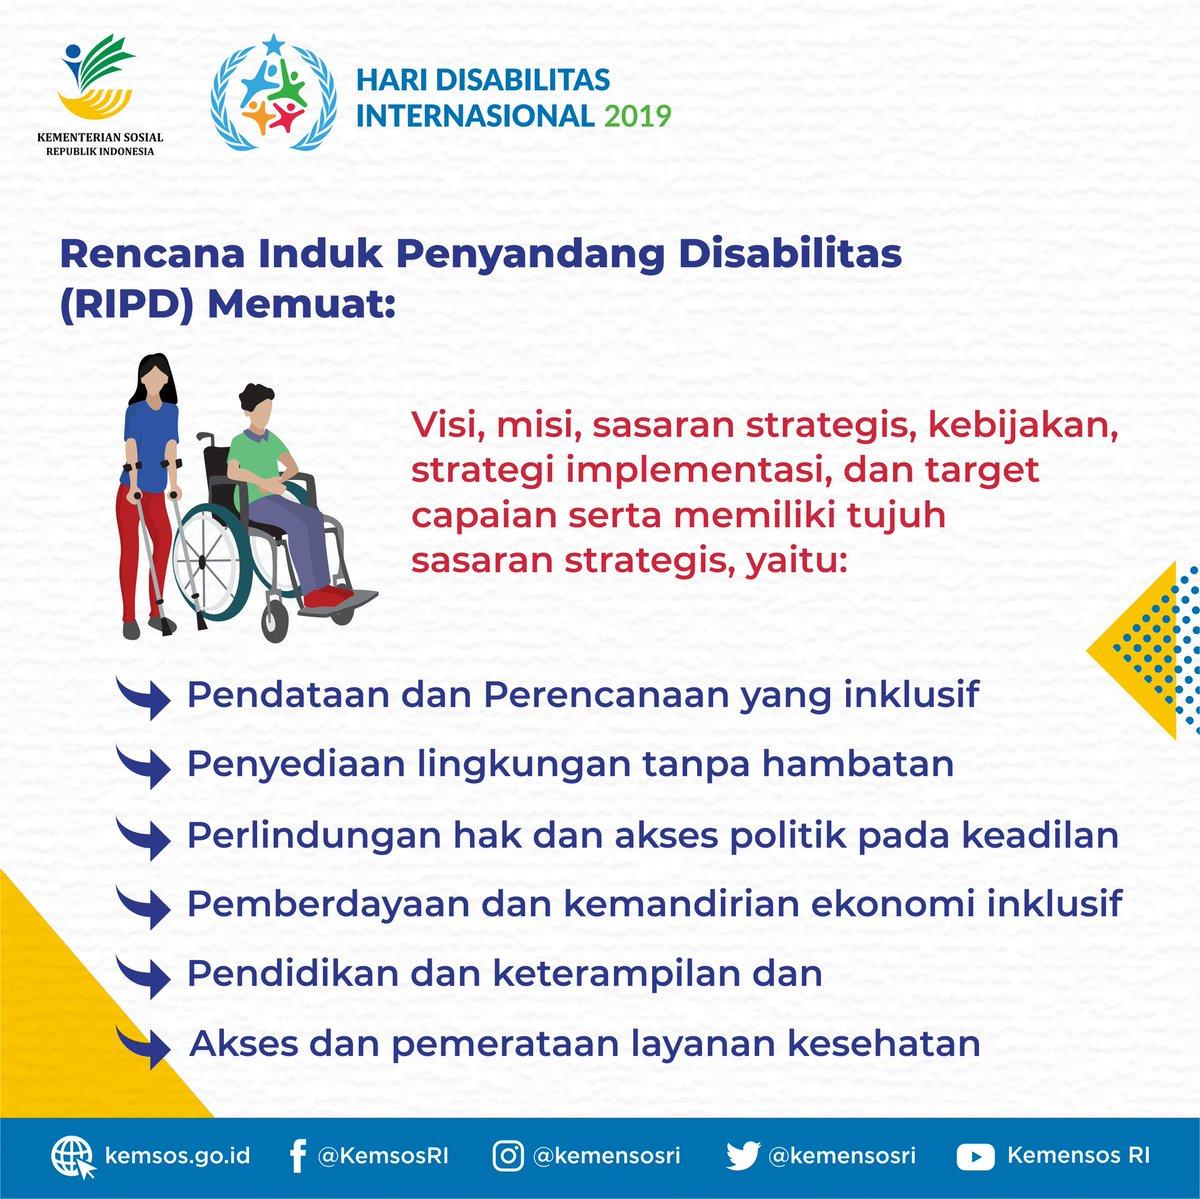 RIPD ini nantinya akan menjadi acuan dalam penyusunan Rencana Aksi Nasional Penyandang Disabilitas (RAN PD) dan Rencana Aksi Daerah Penyandang Disabilitas (RAD PD) Provinsi, sehingga cita-cita Indonesia Inklusi Disabilitas Unggul dapat terwujud